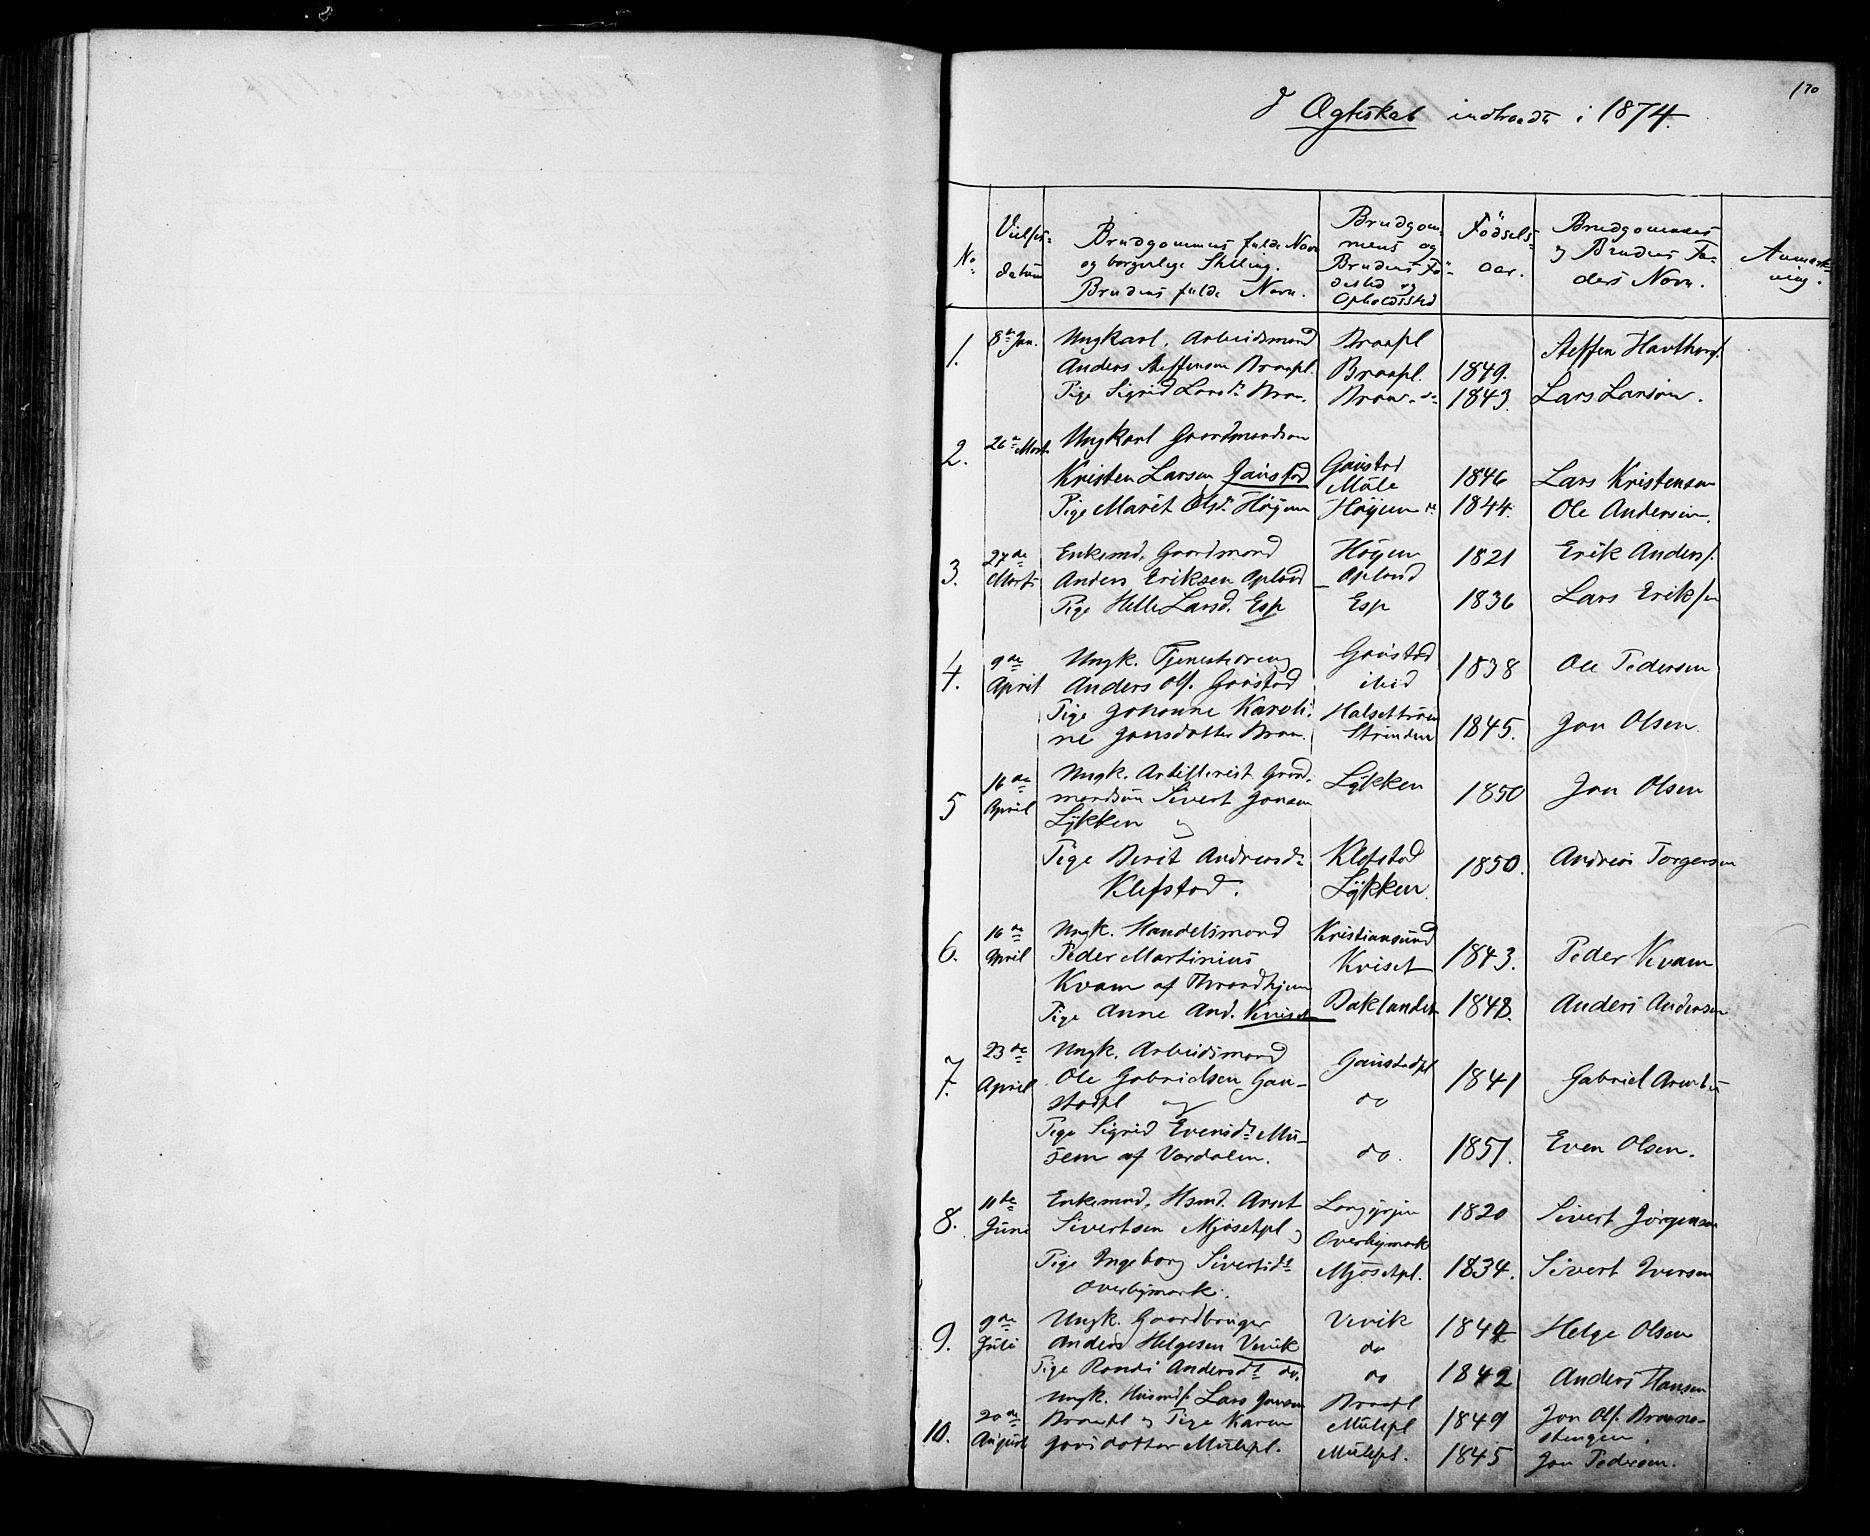 SAT, Ministerialprotokoller, klokkerbøker og fødselsregistre - Sør-Trøndelag, 612/L0387: Klokkerbok nr. 612C03, 1874-1908, s. 170